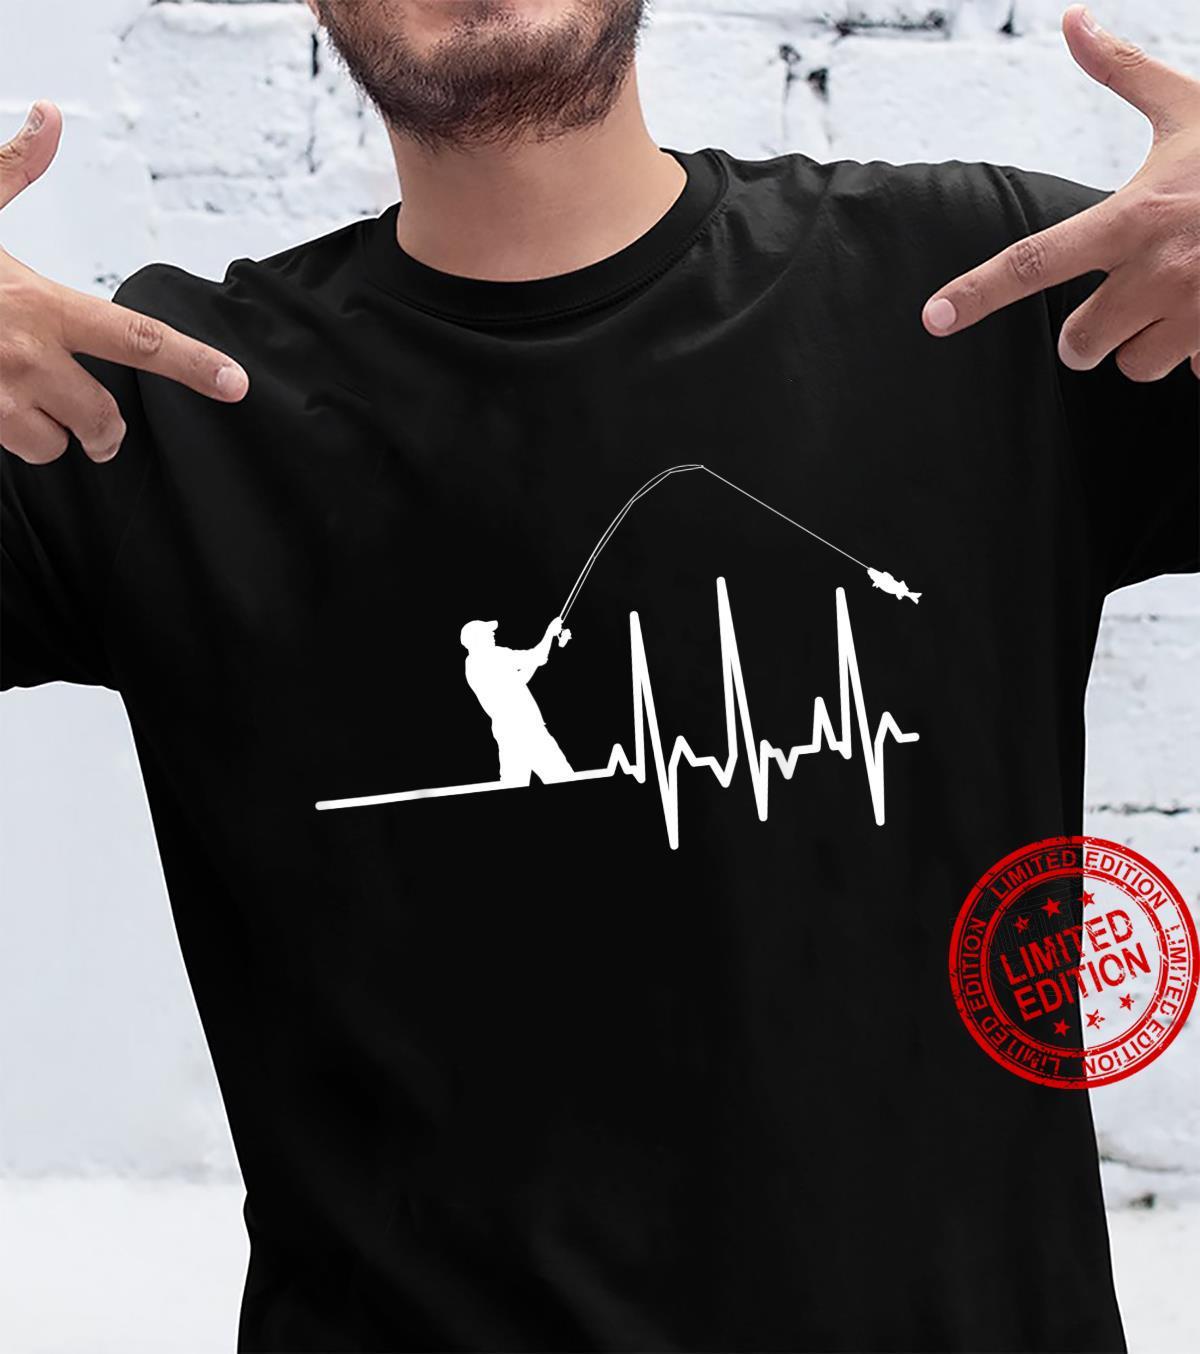 Fishing Fan Fisherman Heartbeat Cool Shirt